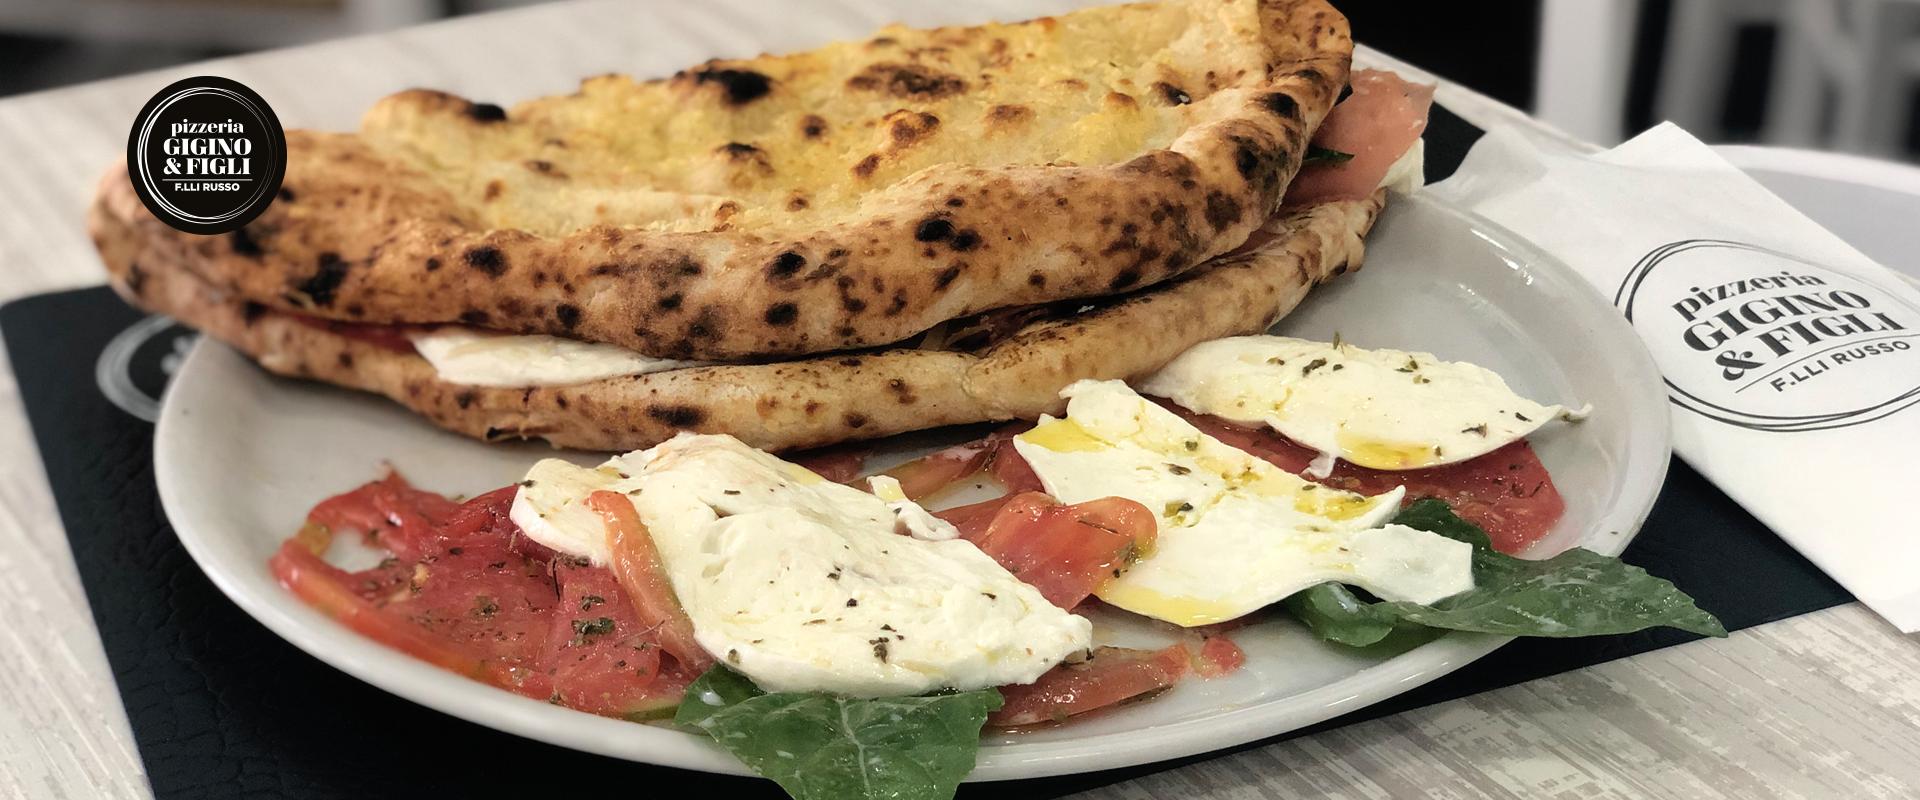 la pizza con zizzona di battipaglia della pizzeria Gigino&Figli di Soccavo